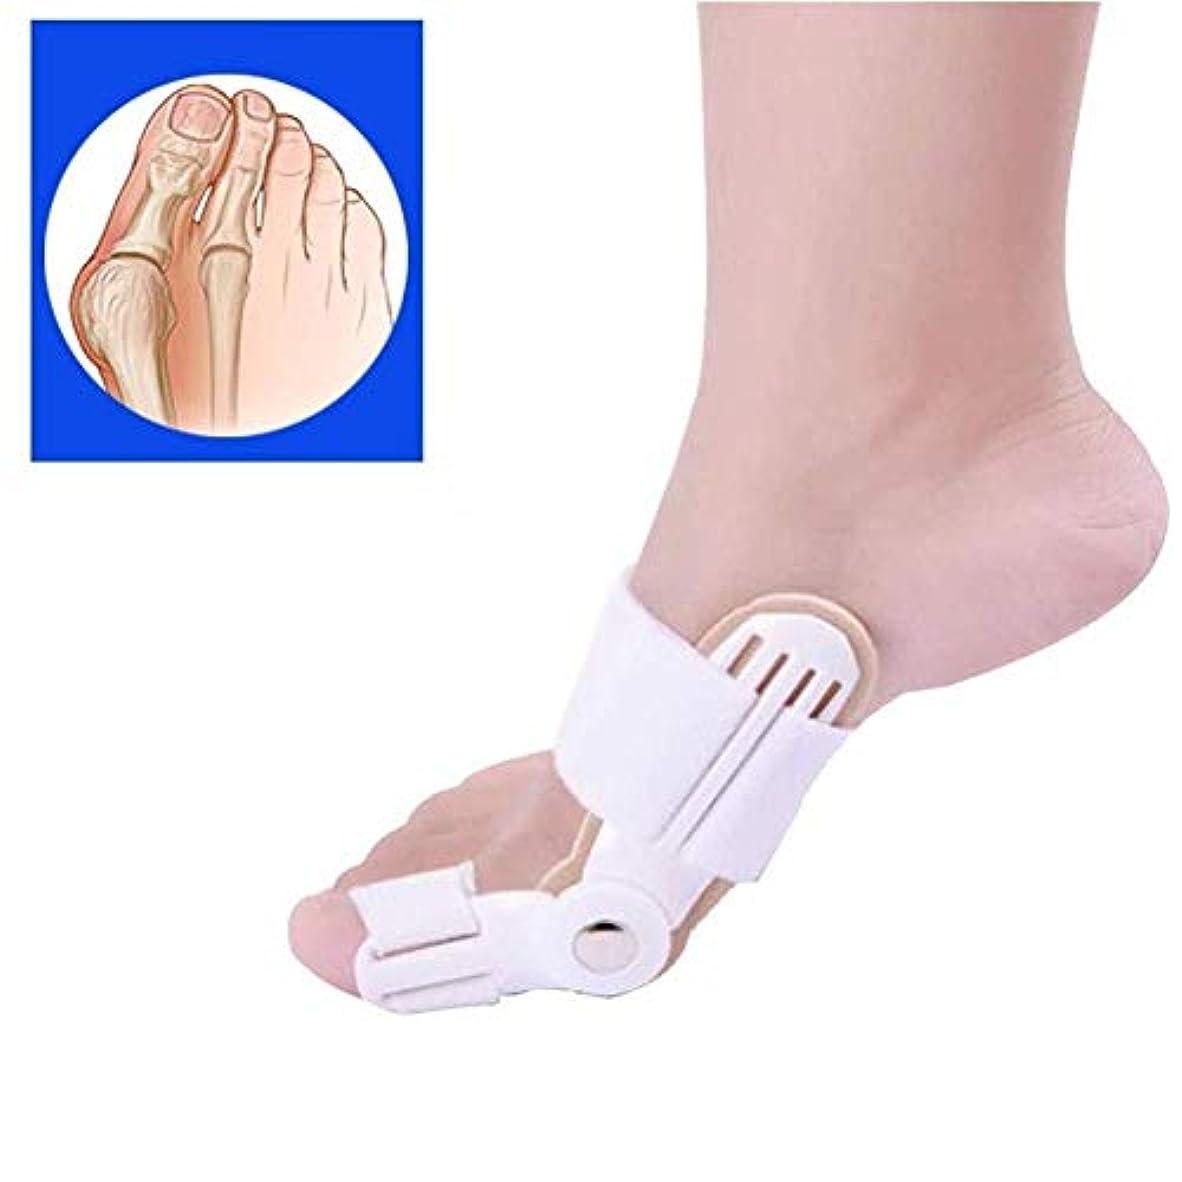 土地すき修正するつま先の添え木、足の親指の矯正、外反母hallセパレーター、滑液包炎緩和プロテクター、つま先の関節スペーサー、矯正の痛み